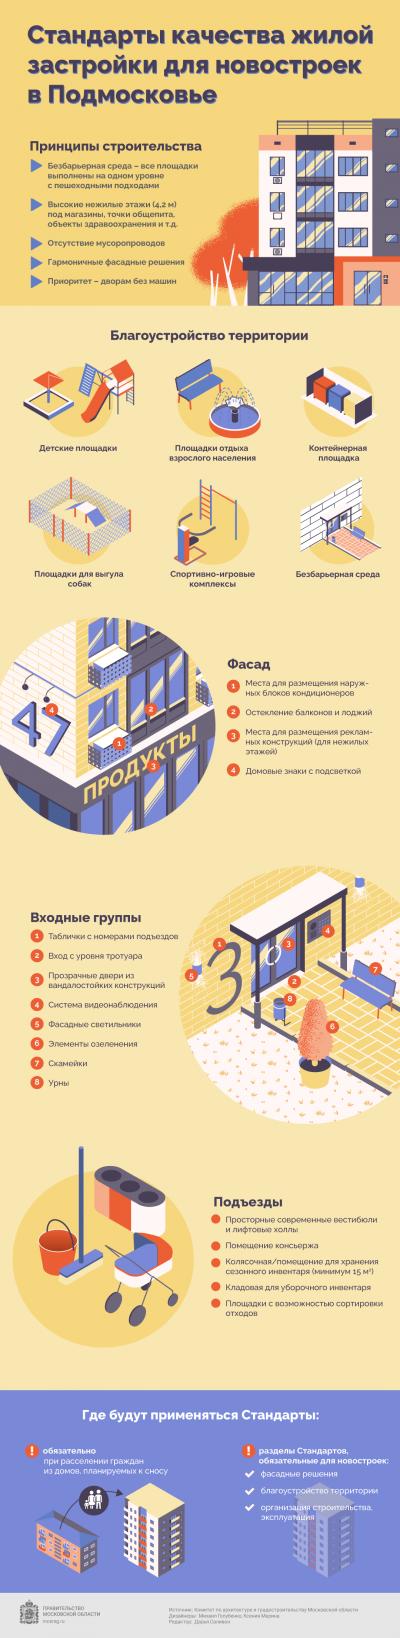 Как будут выглядеть новые многоквартирные дома в Подмосковье